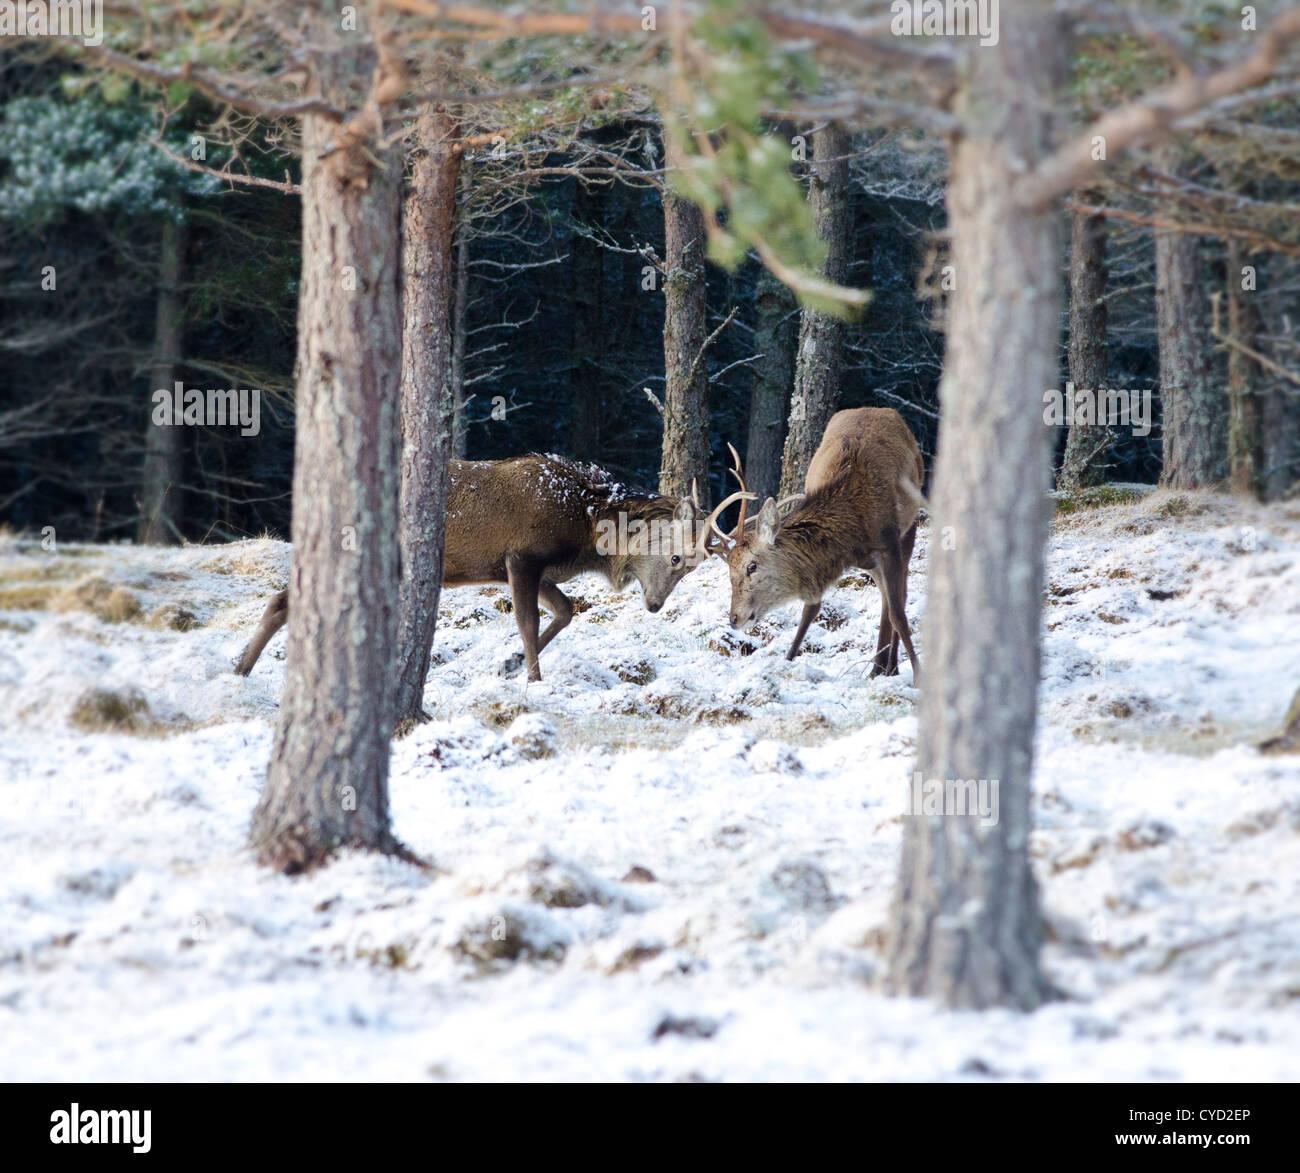 Los últimos días de la rutt en las Highlands escocesas dos rojos ciervos querido ir cabeza a cabeza en las colinas cubiertas de nieve Foto de stock